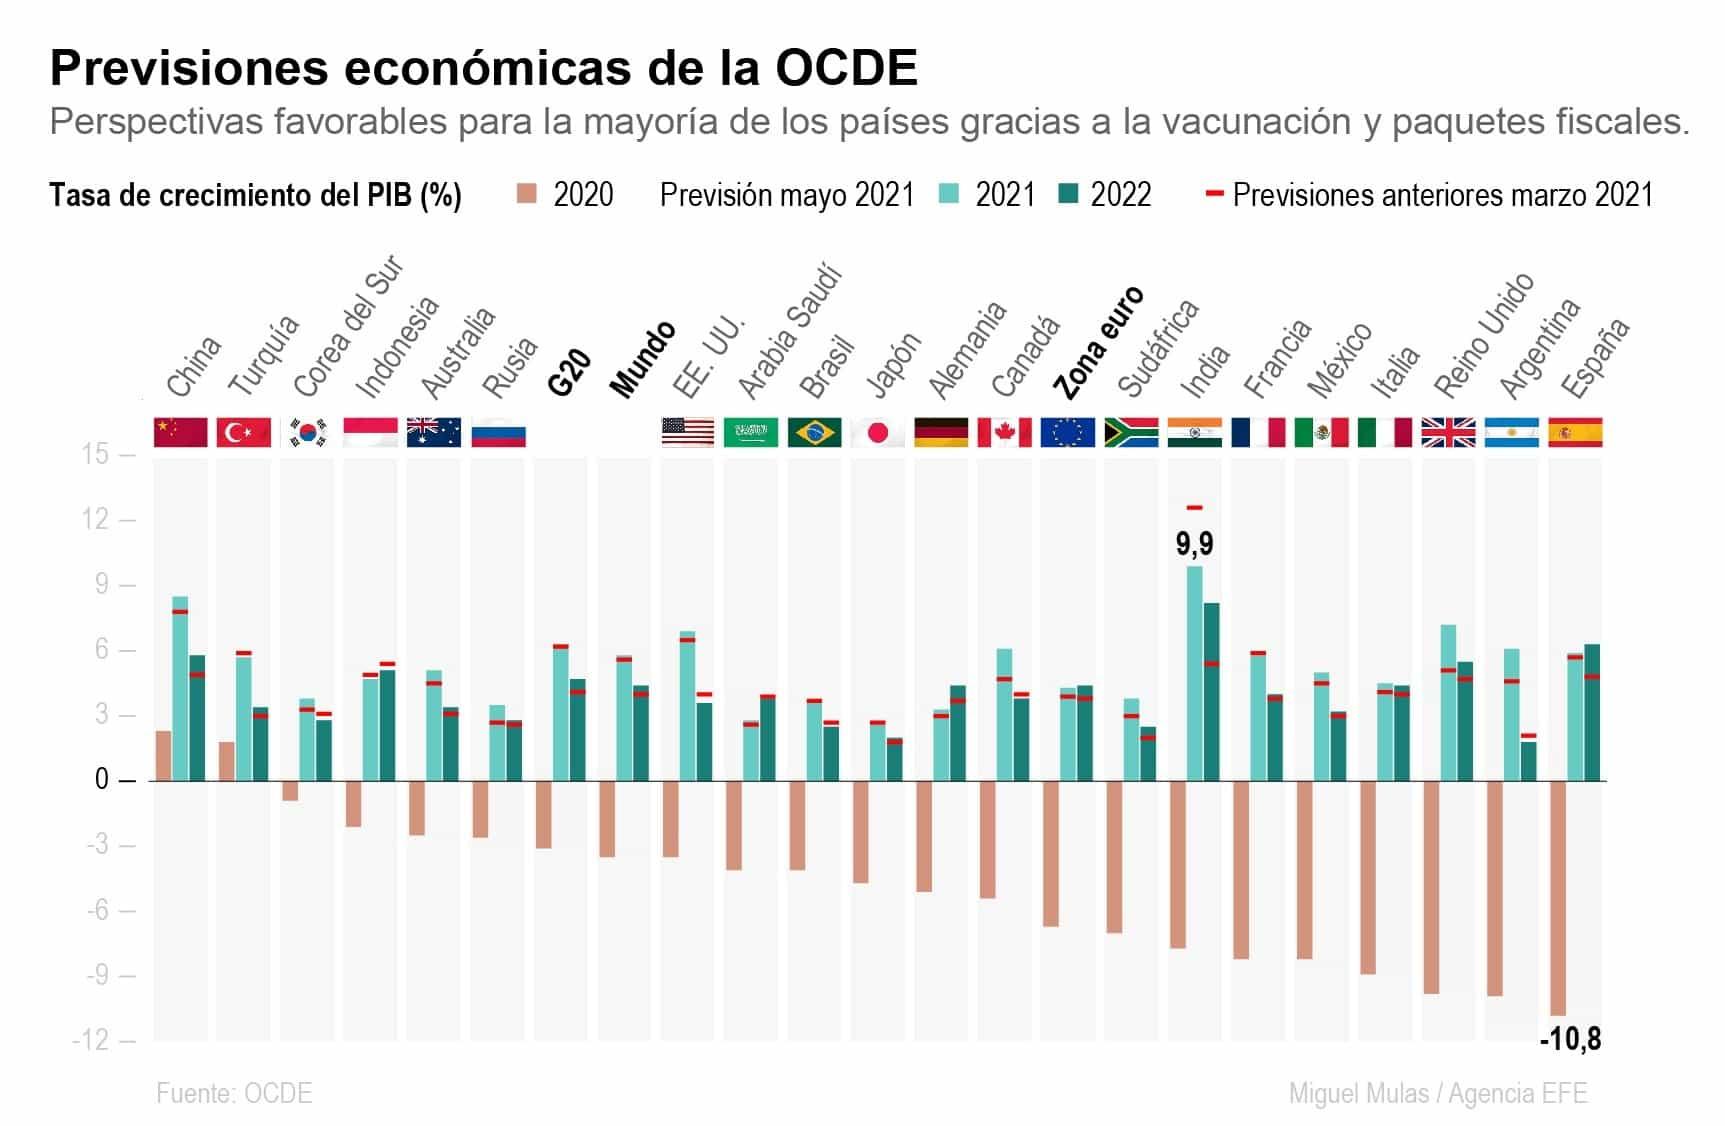 [Infografía] - Previsiones económicas de la OCDE 1